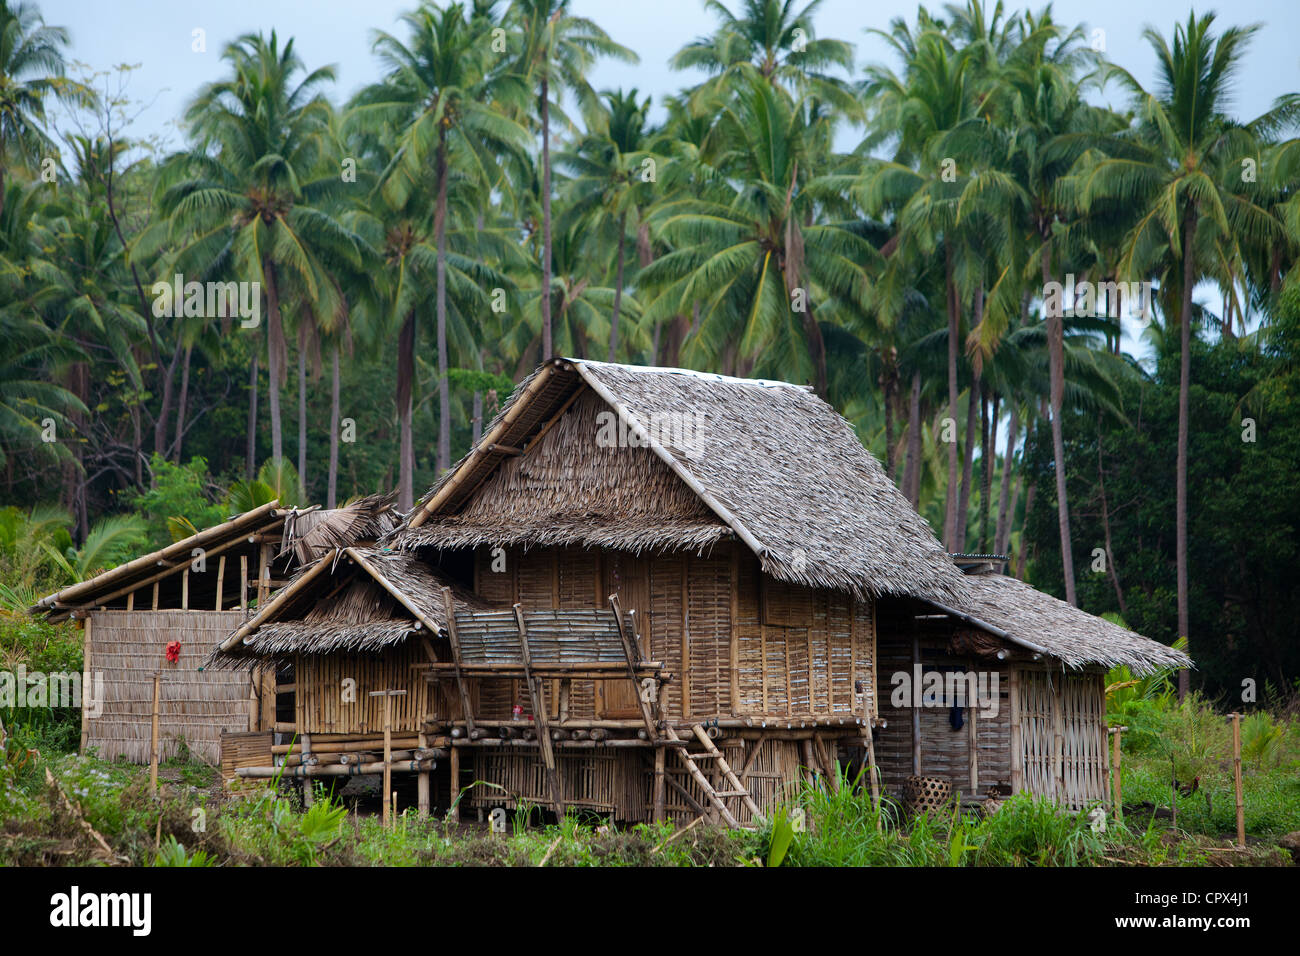 Une maison typique dans la forêt, Negros, Philippines Photo Stock